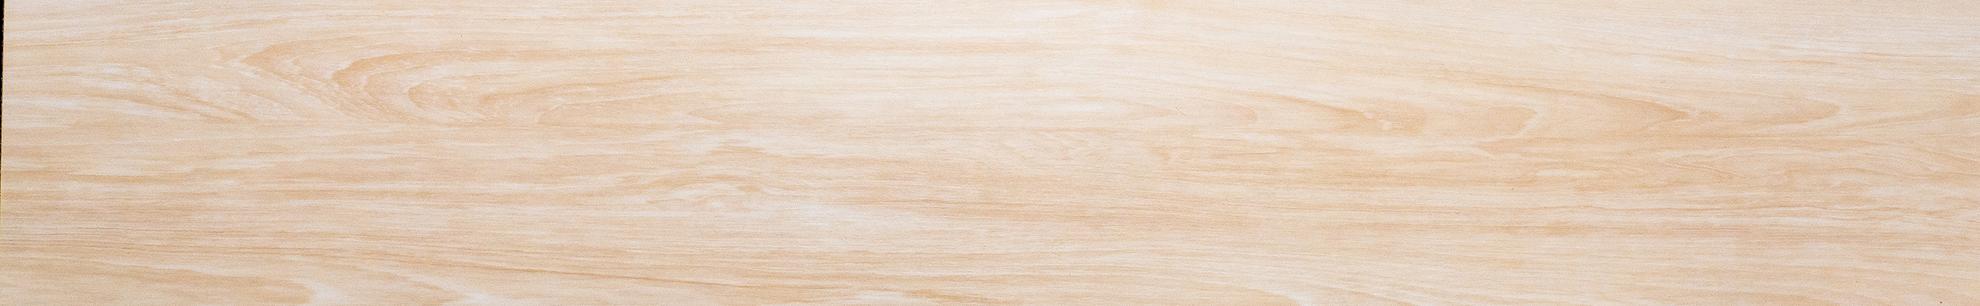 Виниловая плитка NOX EcoClick - EcoWood DryBack Дуб Бриош